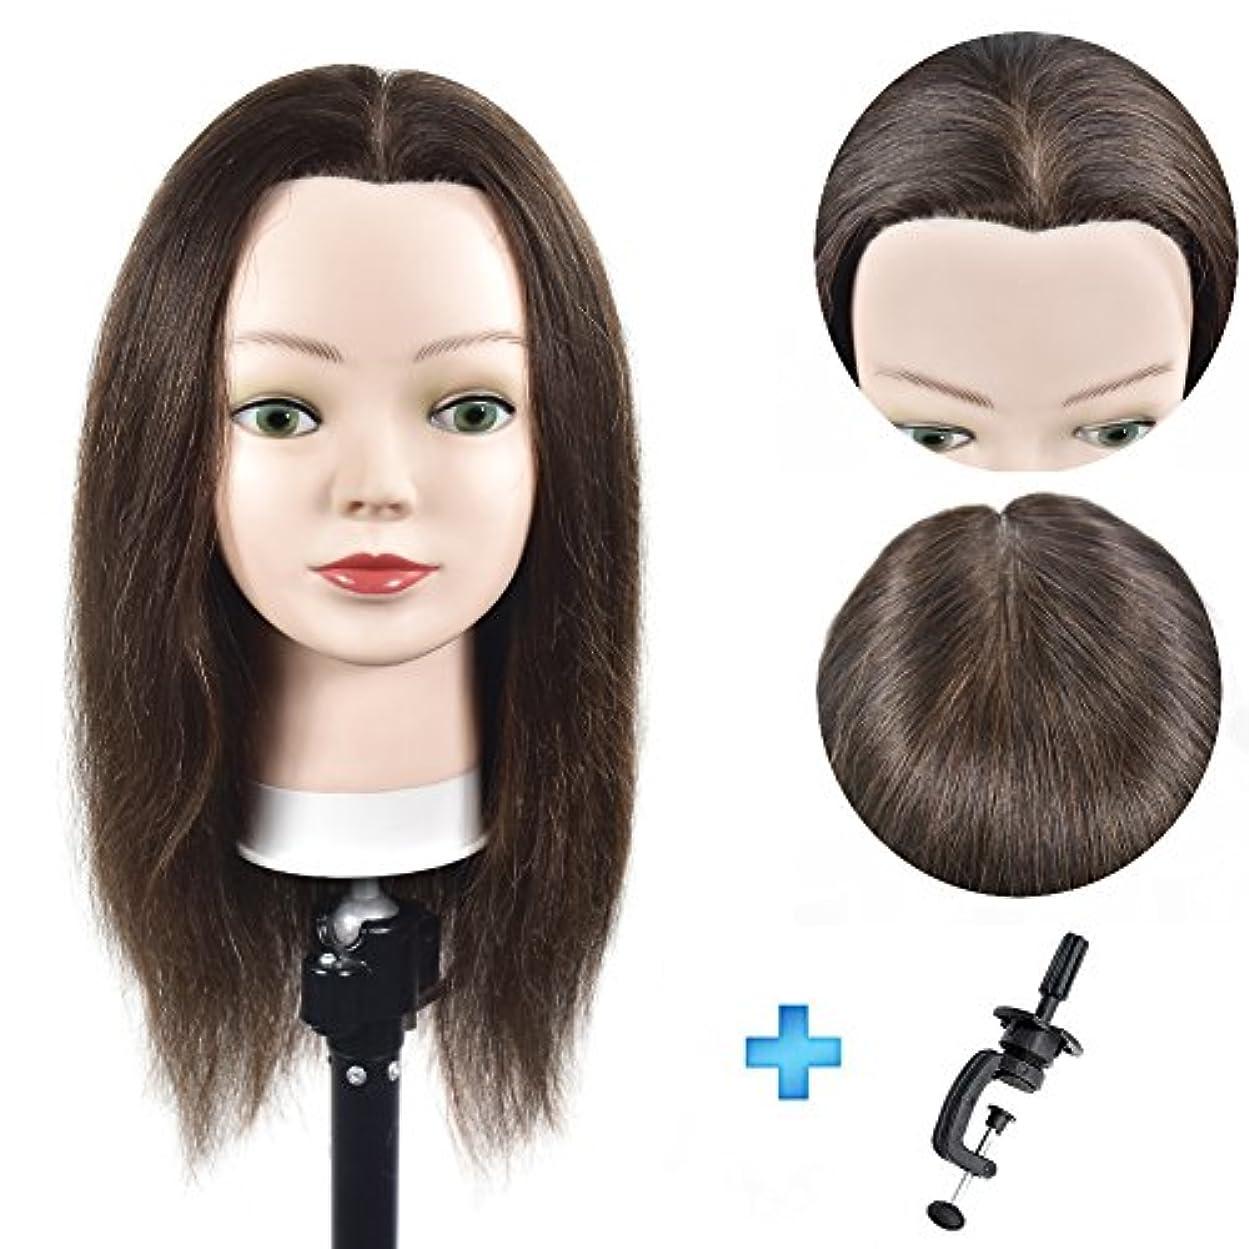 解釈する司書パラメータ16インチマネキンヘッド100%人間の髪の美容師のトレーニングヘッドマネキン美容師の人形ヘッド(テーブルクランプスタンドが含まれています)